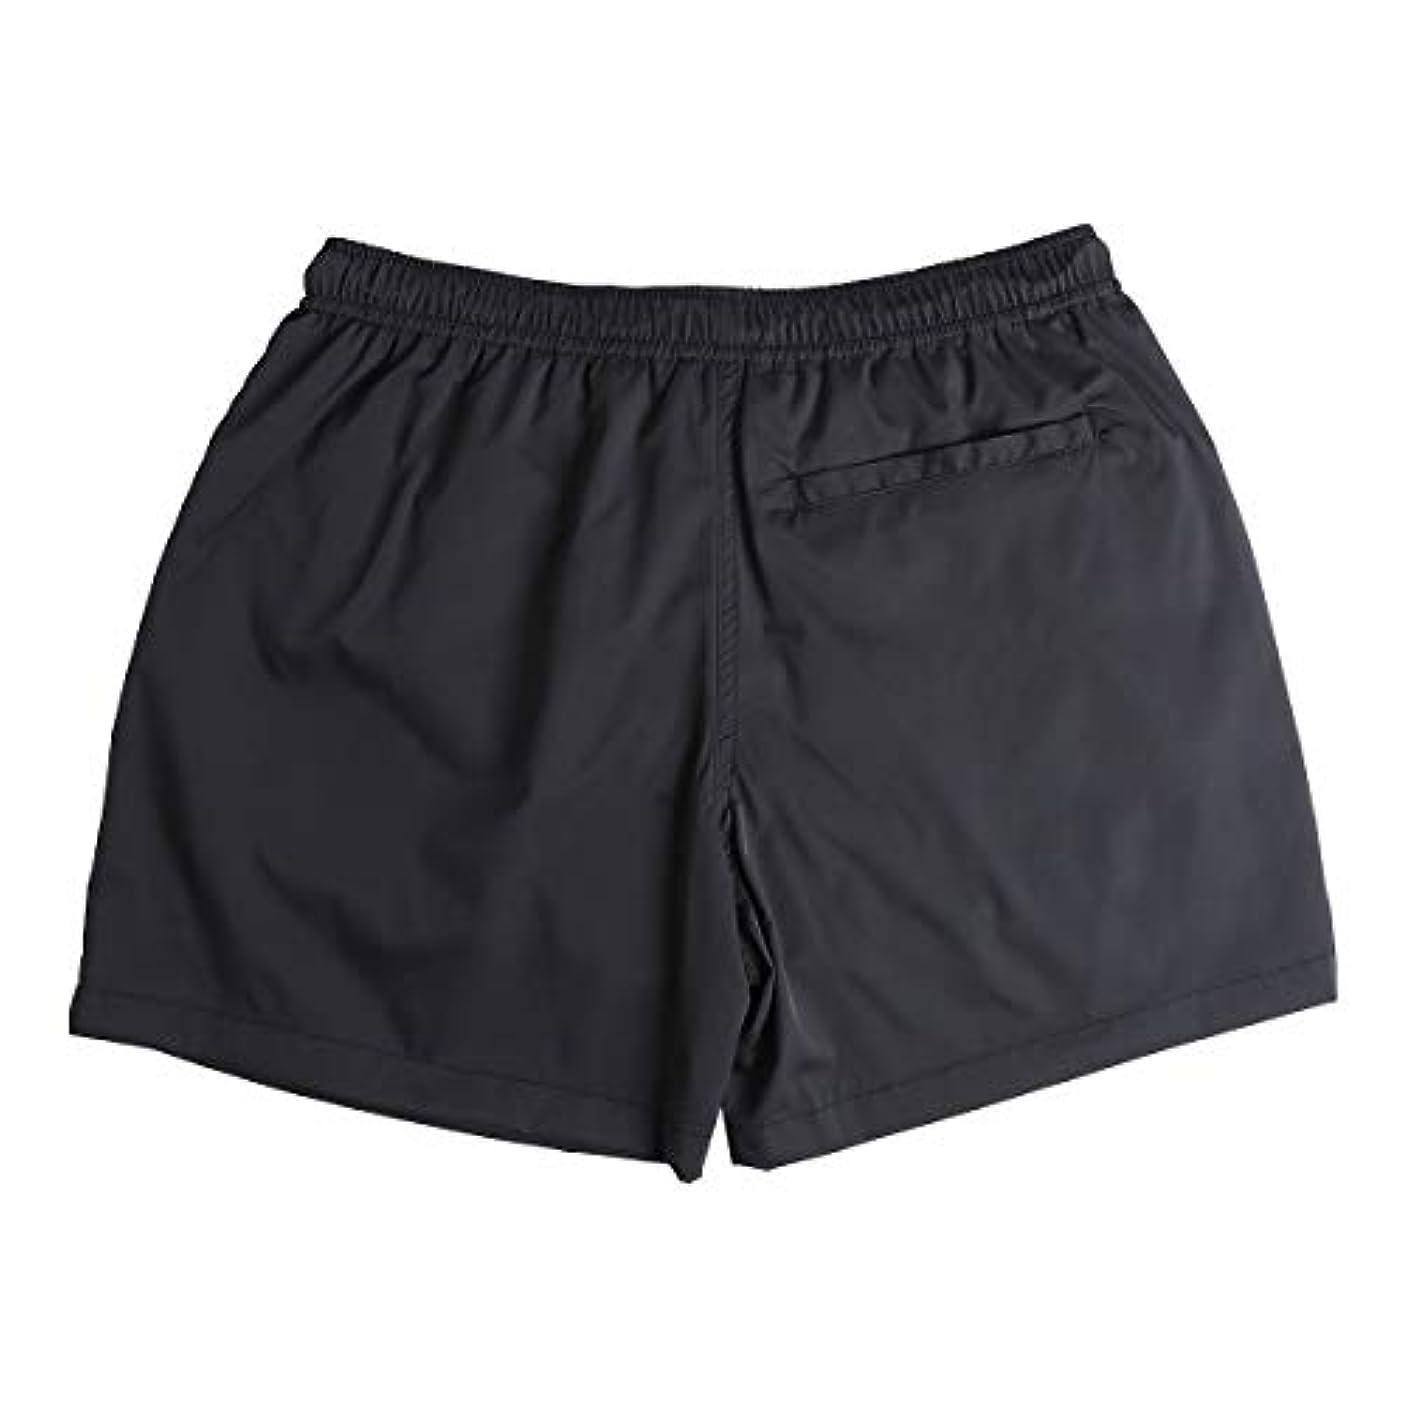 負計器ソフィーBANDEL バンデル Walk shorts ウォークショーツ ショートパンツボードショーツ (M)